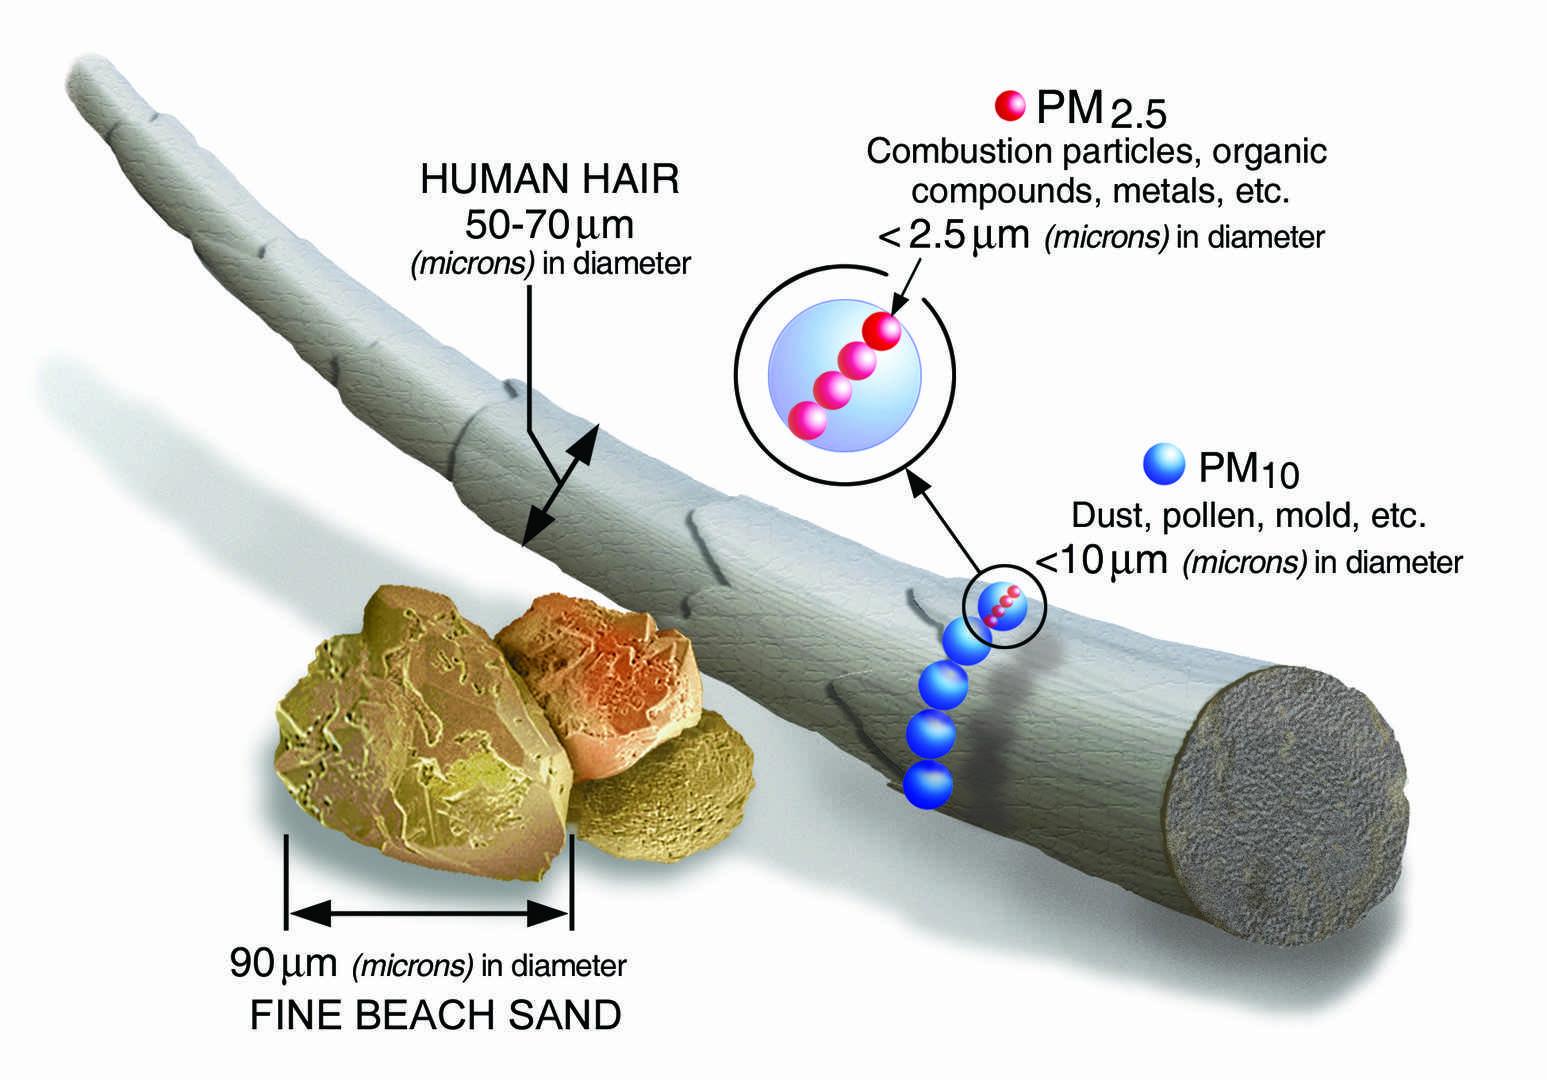 Particulas PM25 EPA